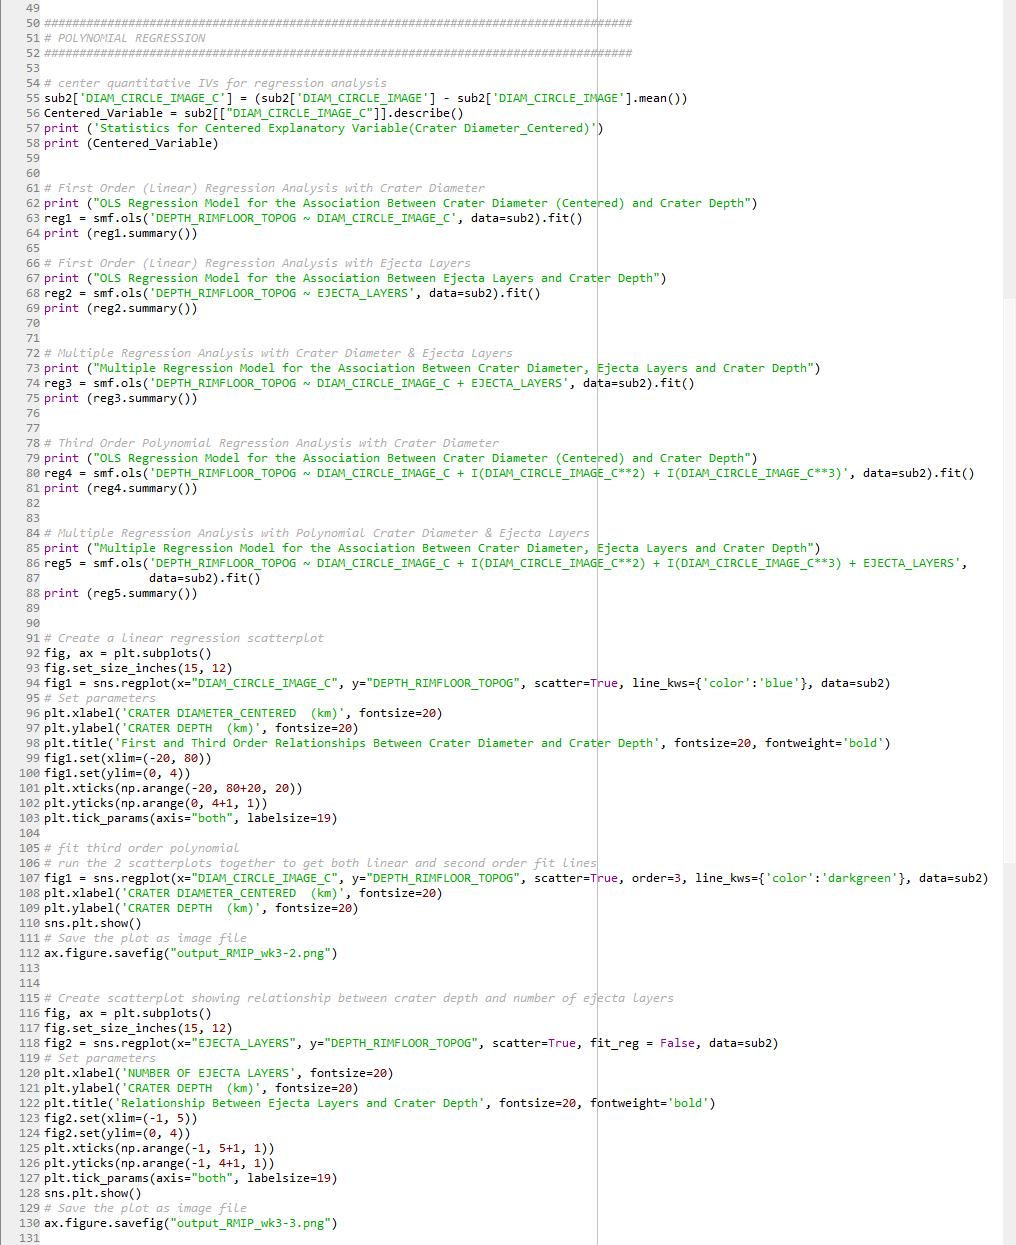 RMIP_Code 3